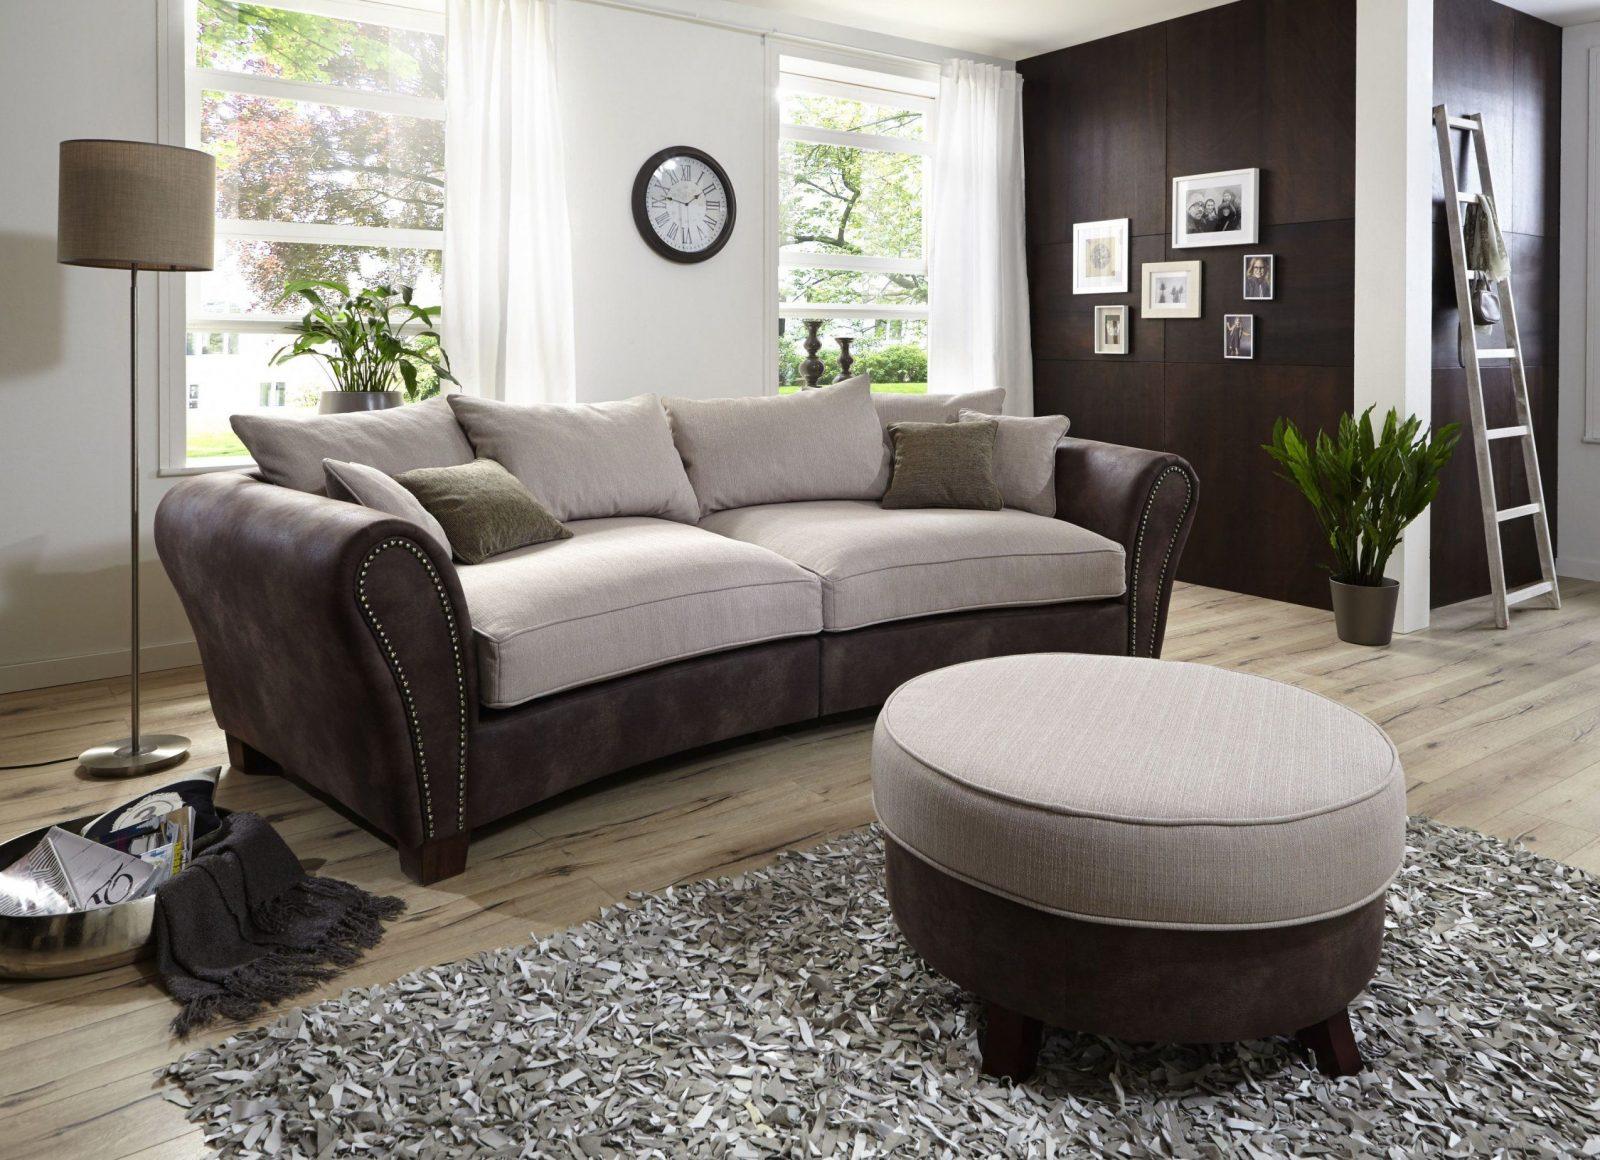 Big Sofa Hudson Möbel Wohnzimmer Sofas & Couches von Big Sofa Auf Rechnung Bild